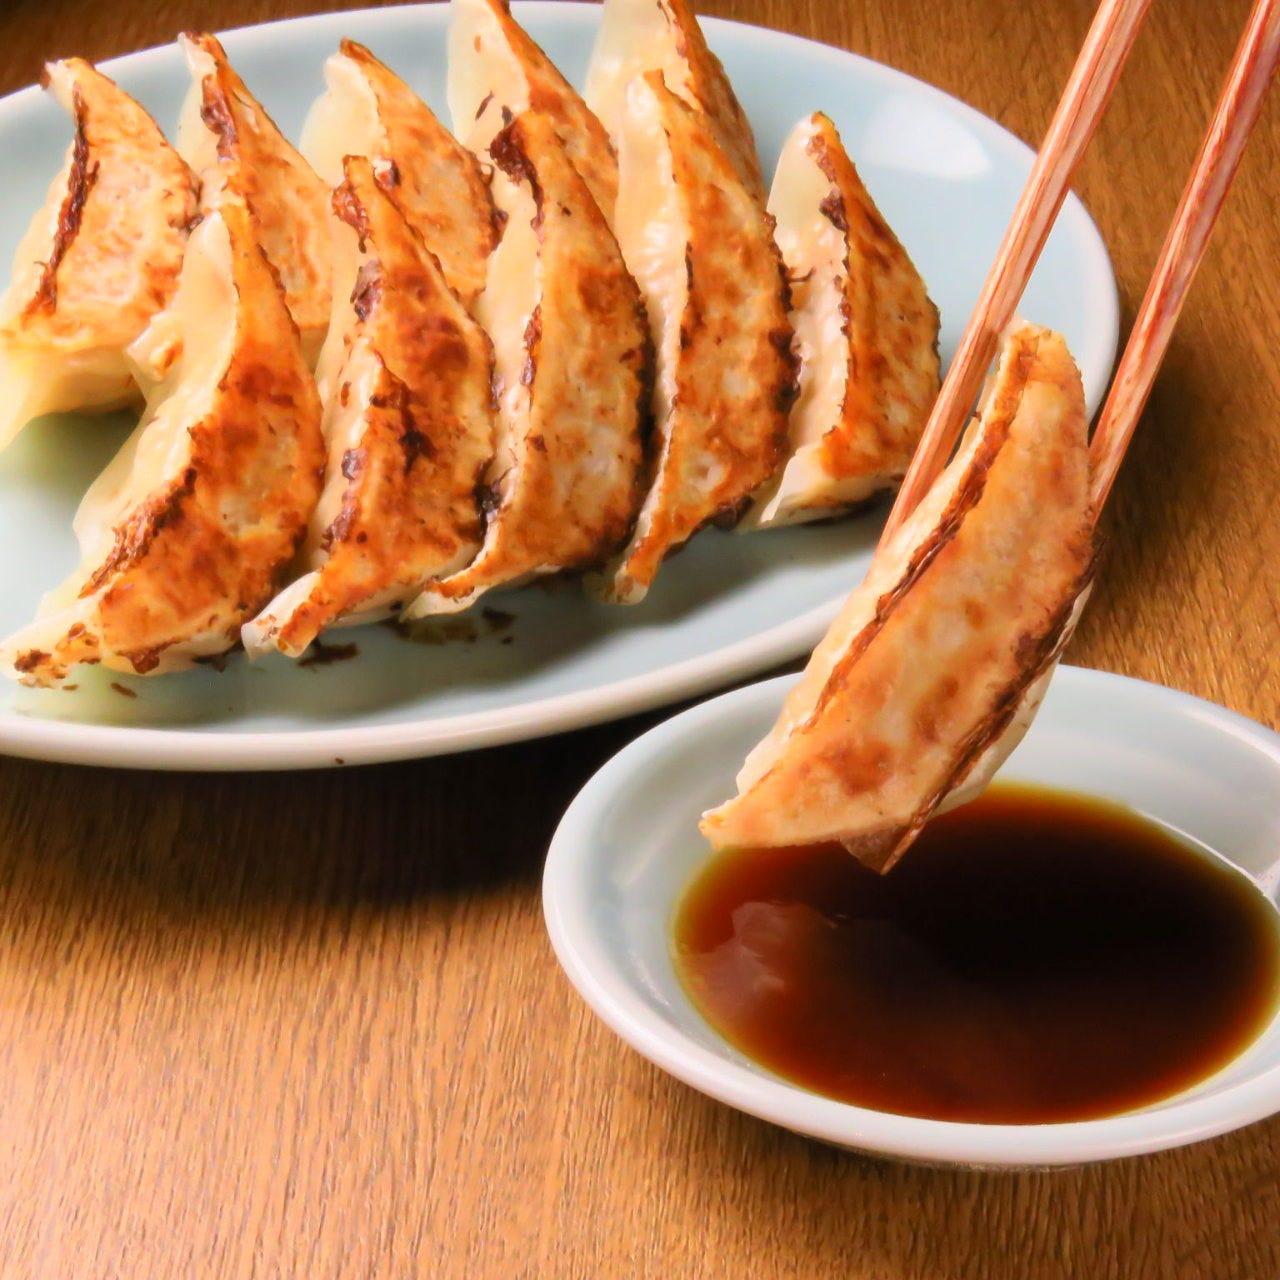 絶品味噌ダレ付の焼き餃子や豚シュウマイは、ご家族での食事に◎